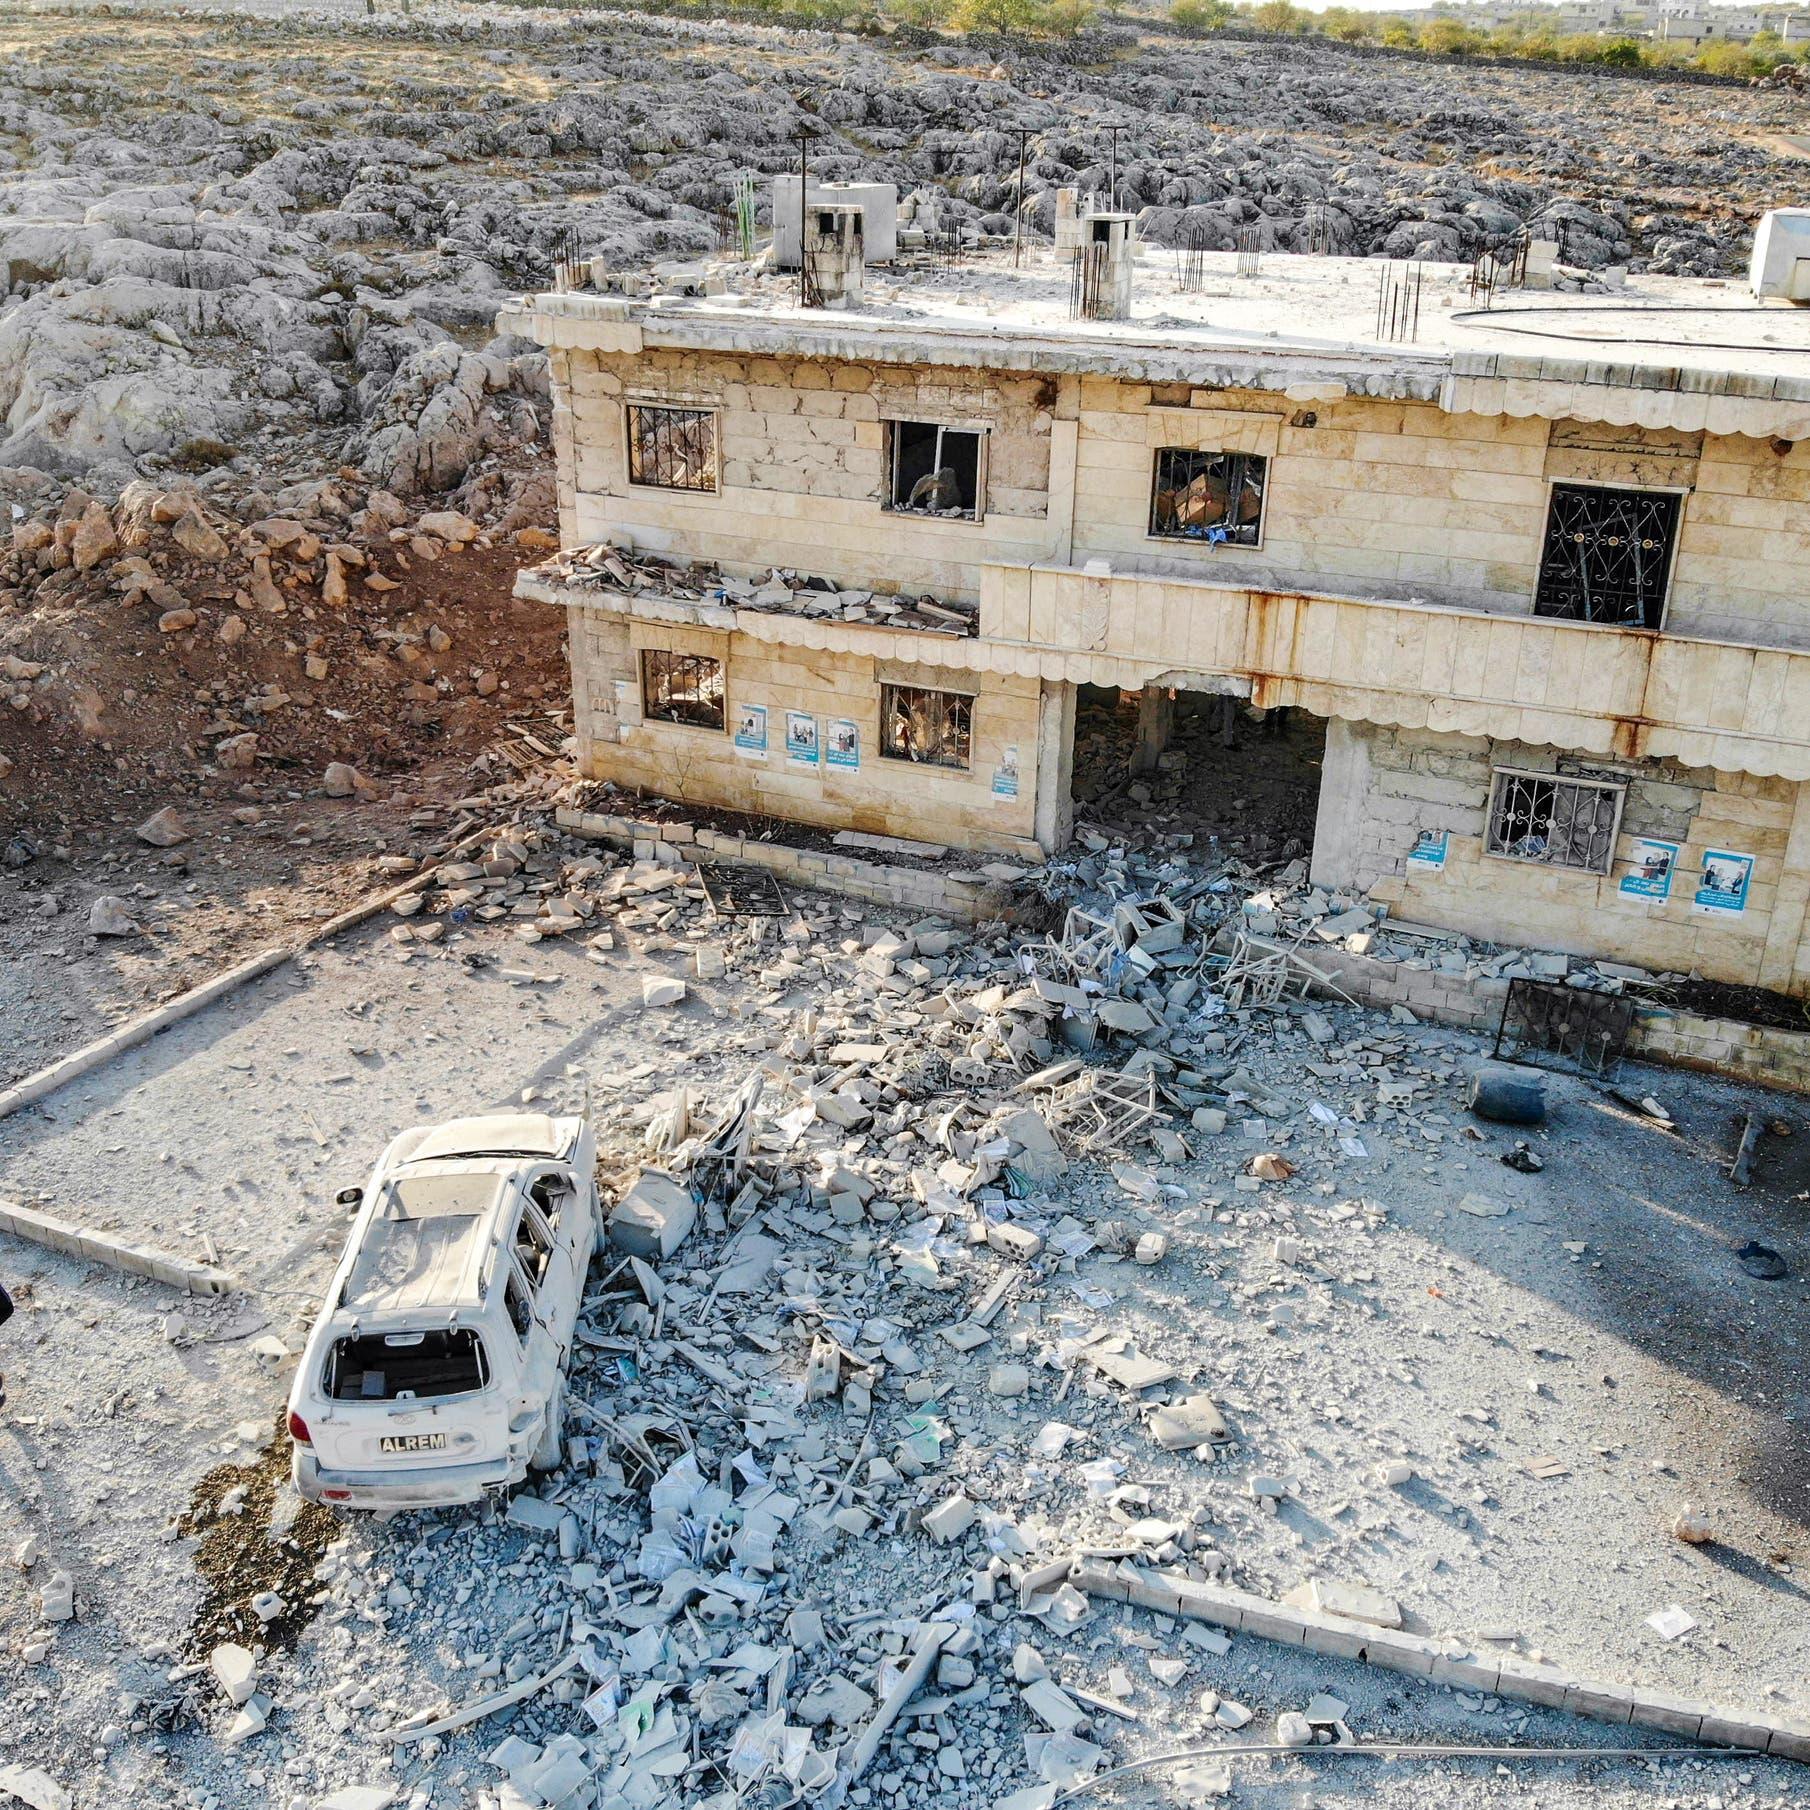 تنديد دولي بغارات النظام السوري على منشآت طبية في إدلب